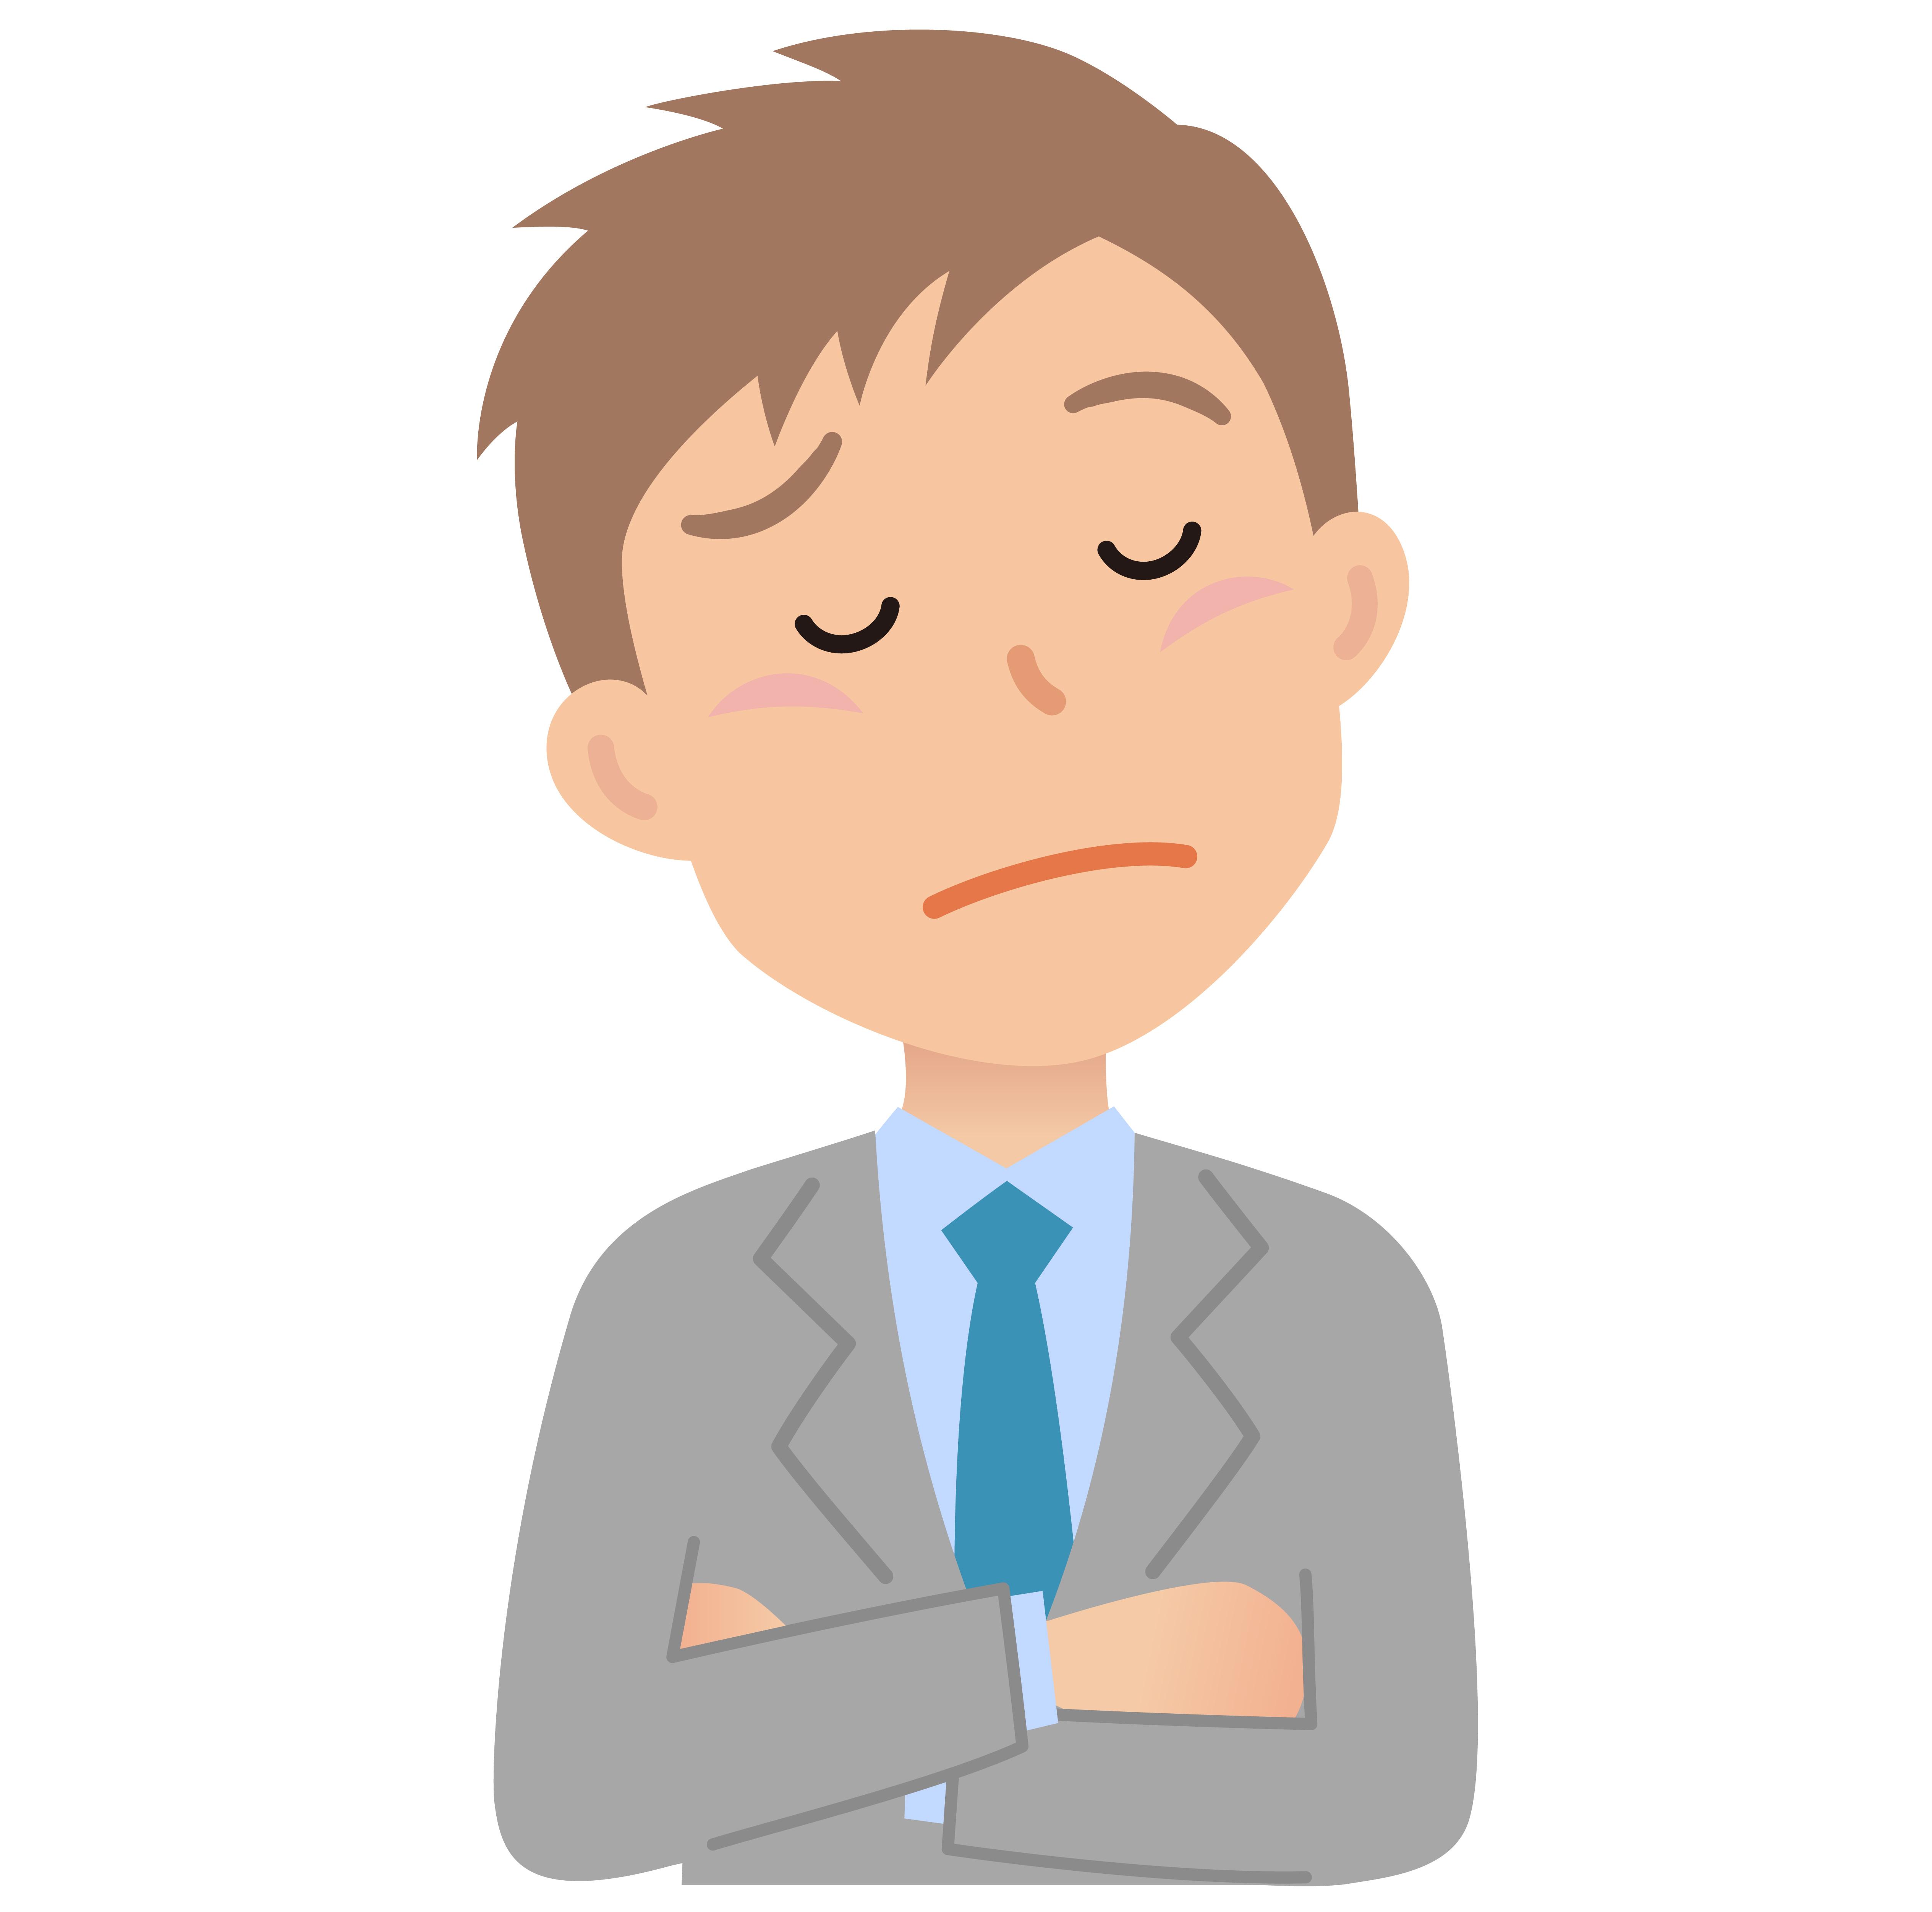 ADHDと自閉症スペクトラムを持ちながら働くことの難しさ